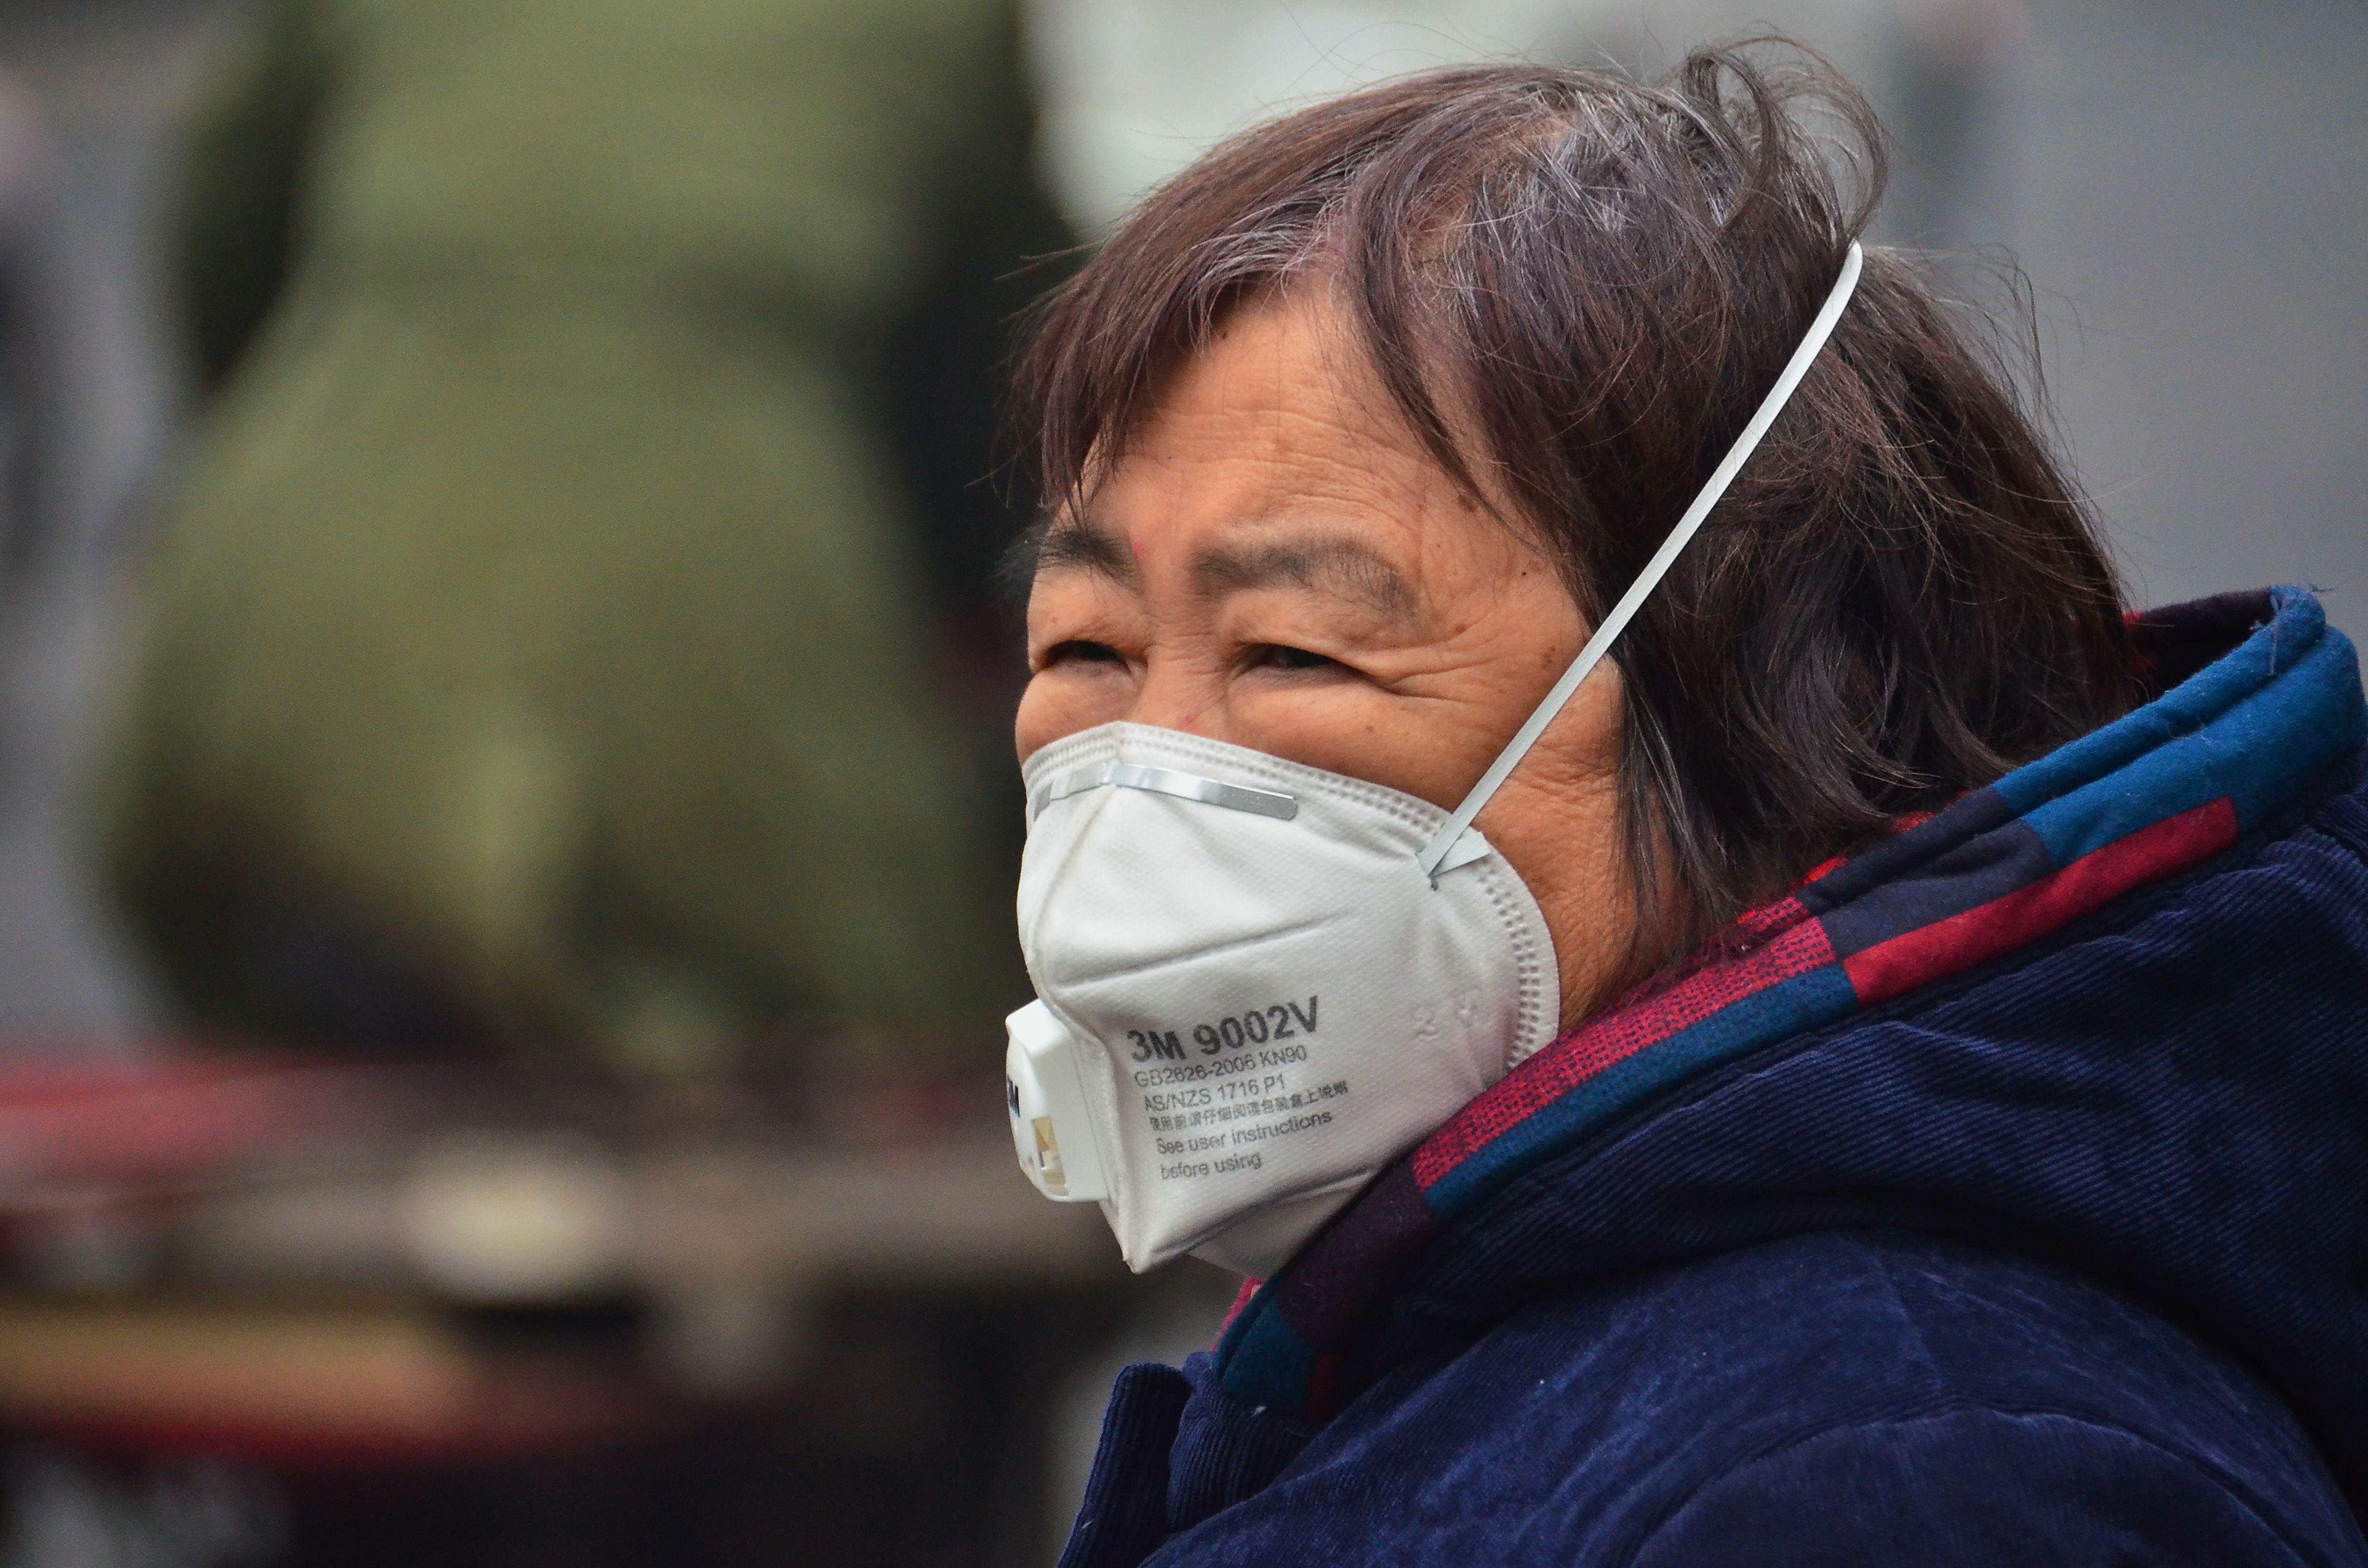 在一些PM2.5濃度很高的城市,無論是健康風險還是健康經濟損失都比較突出。攝影/章軻